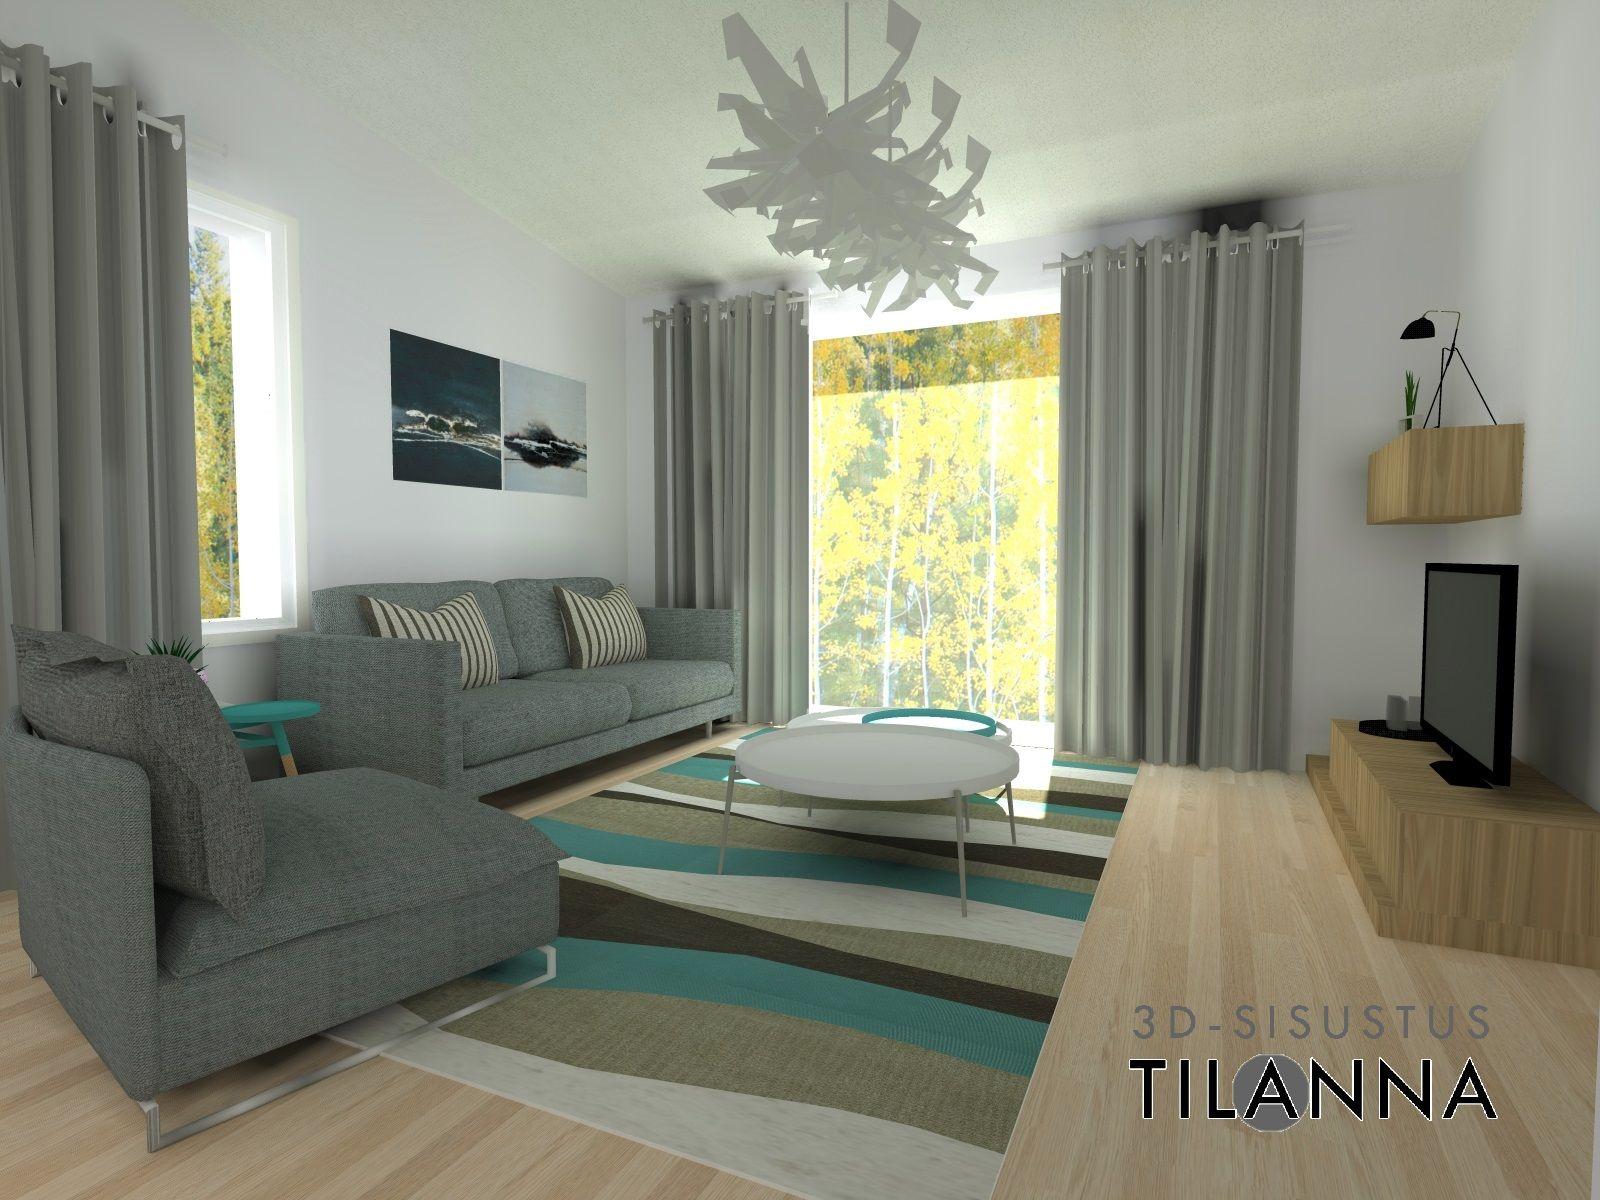 3D -stailaus ja -sisustussuunnittelu ennakkomarkkinoinnissa olevaan kohteeseen, Siilinjärvi / turkoosi moderni olohuone, valkovahattu tammilattia, turquoise modern living room / 3D-sisustus Tilanna